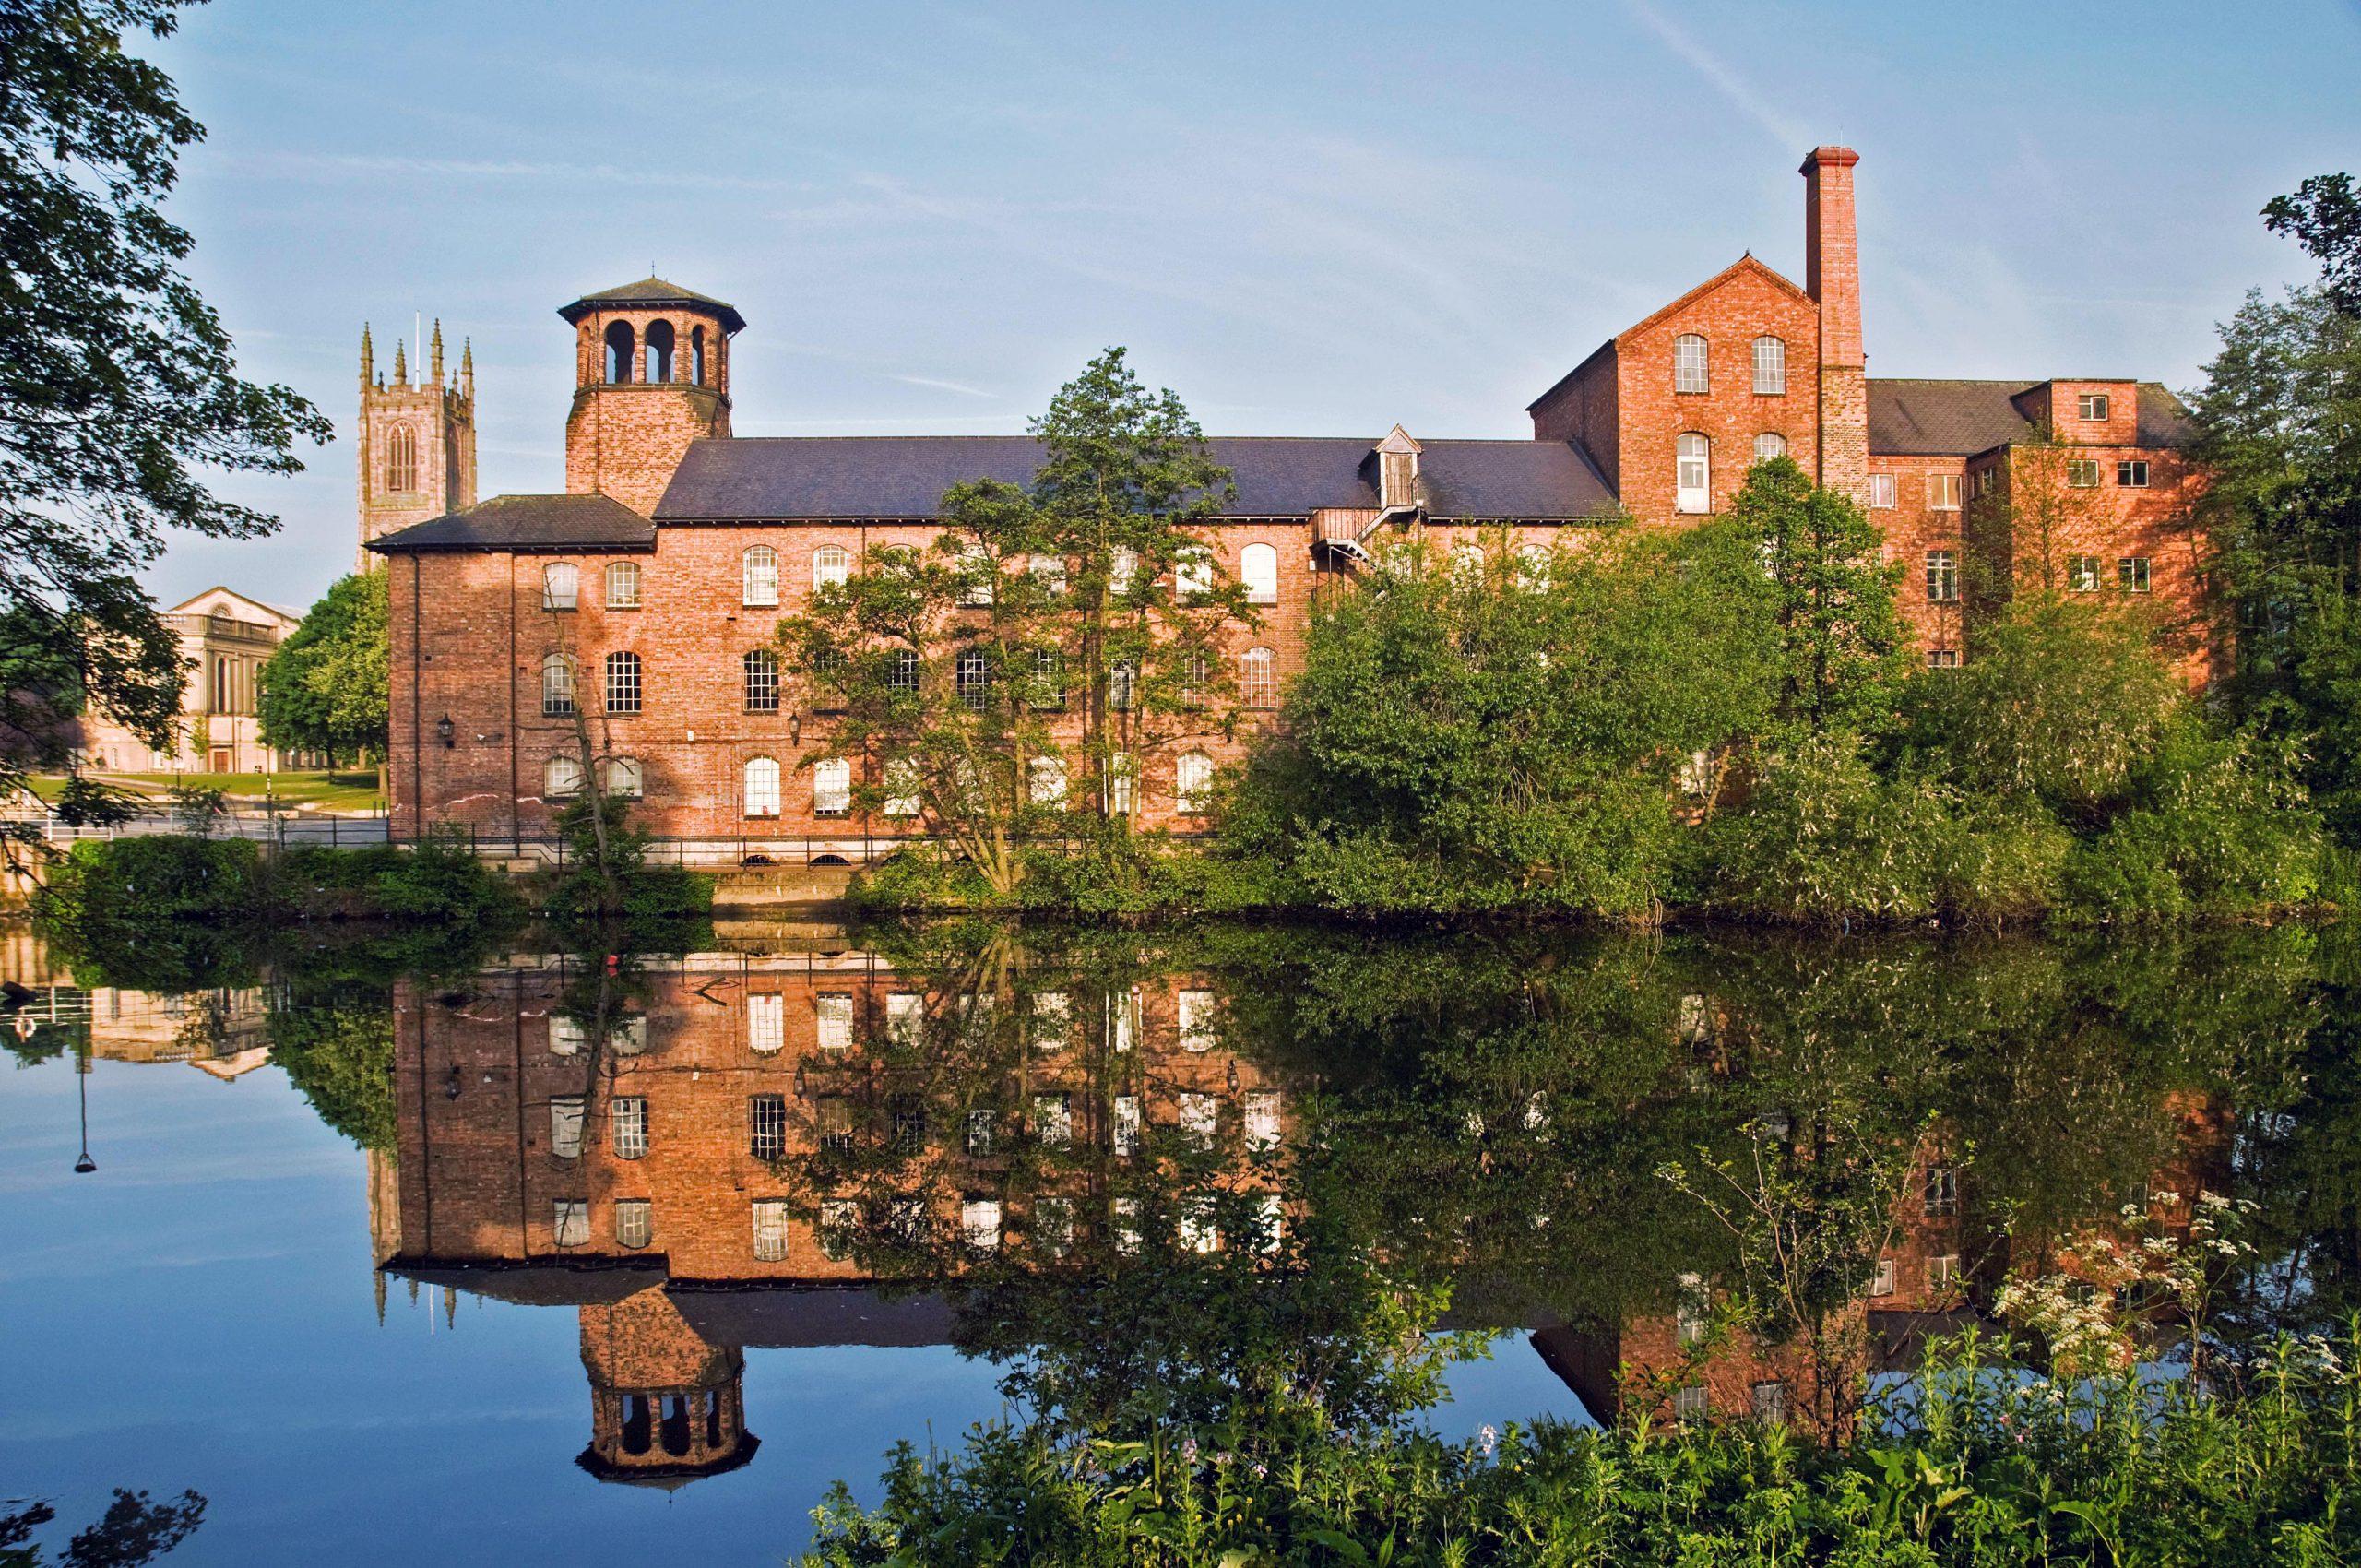 En stor byggnad i rött tegel med en identisk spegelbild i floden framför.